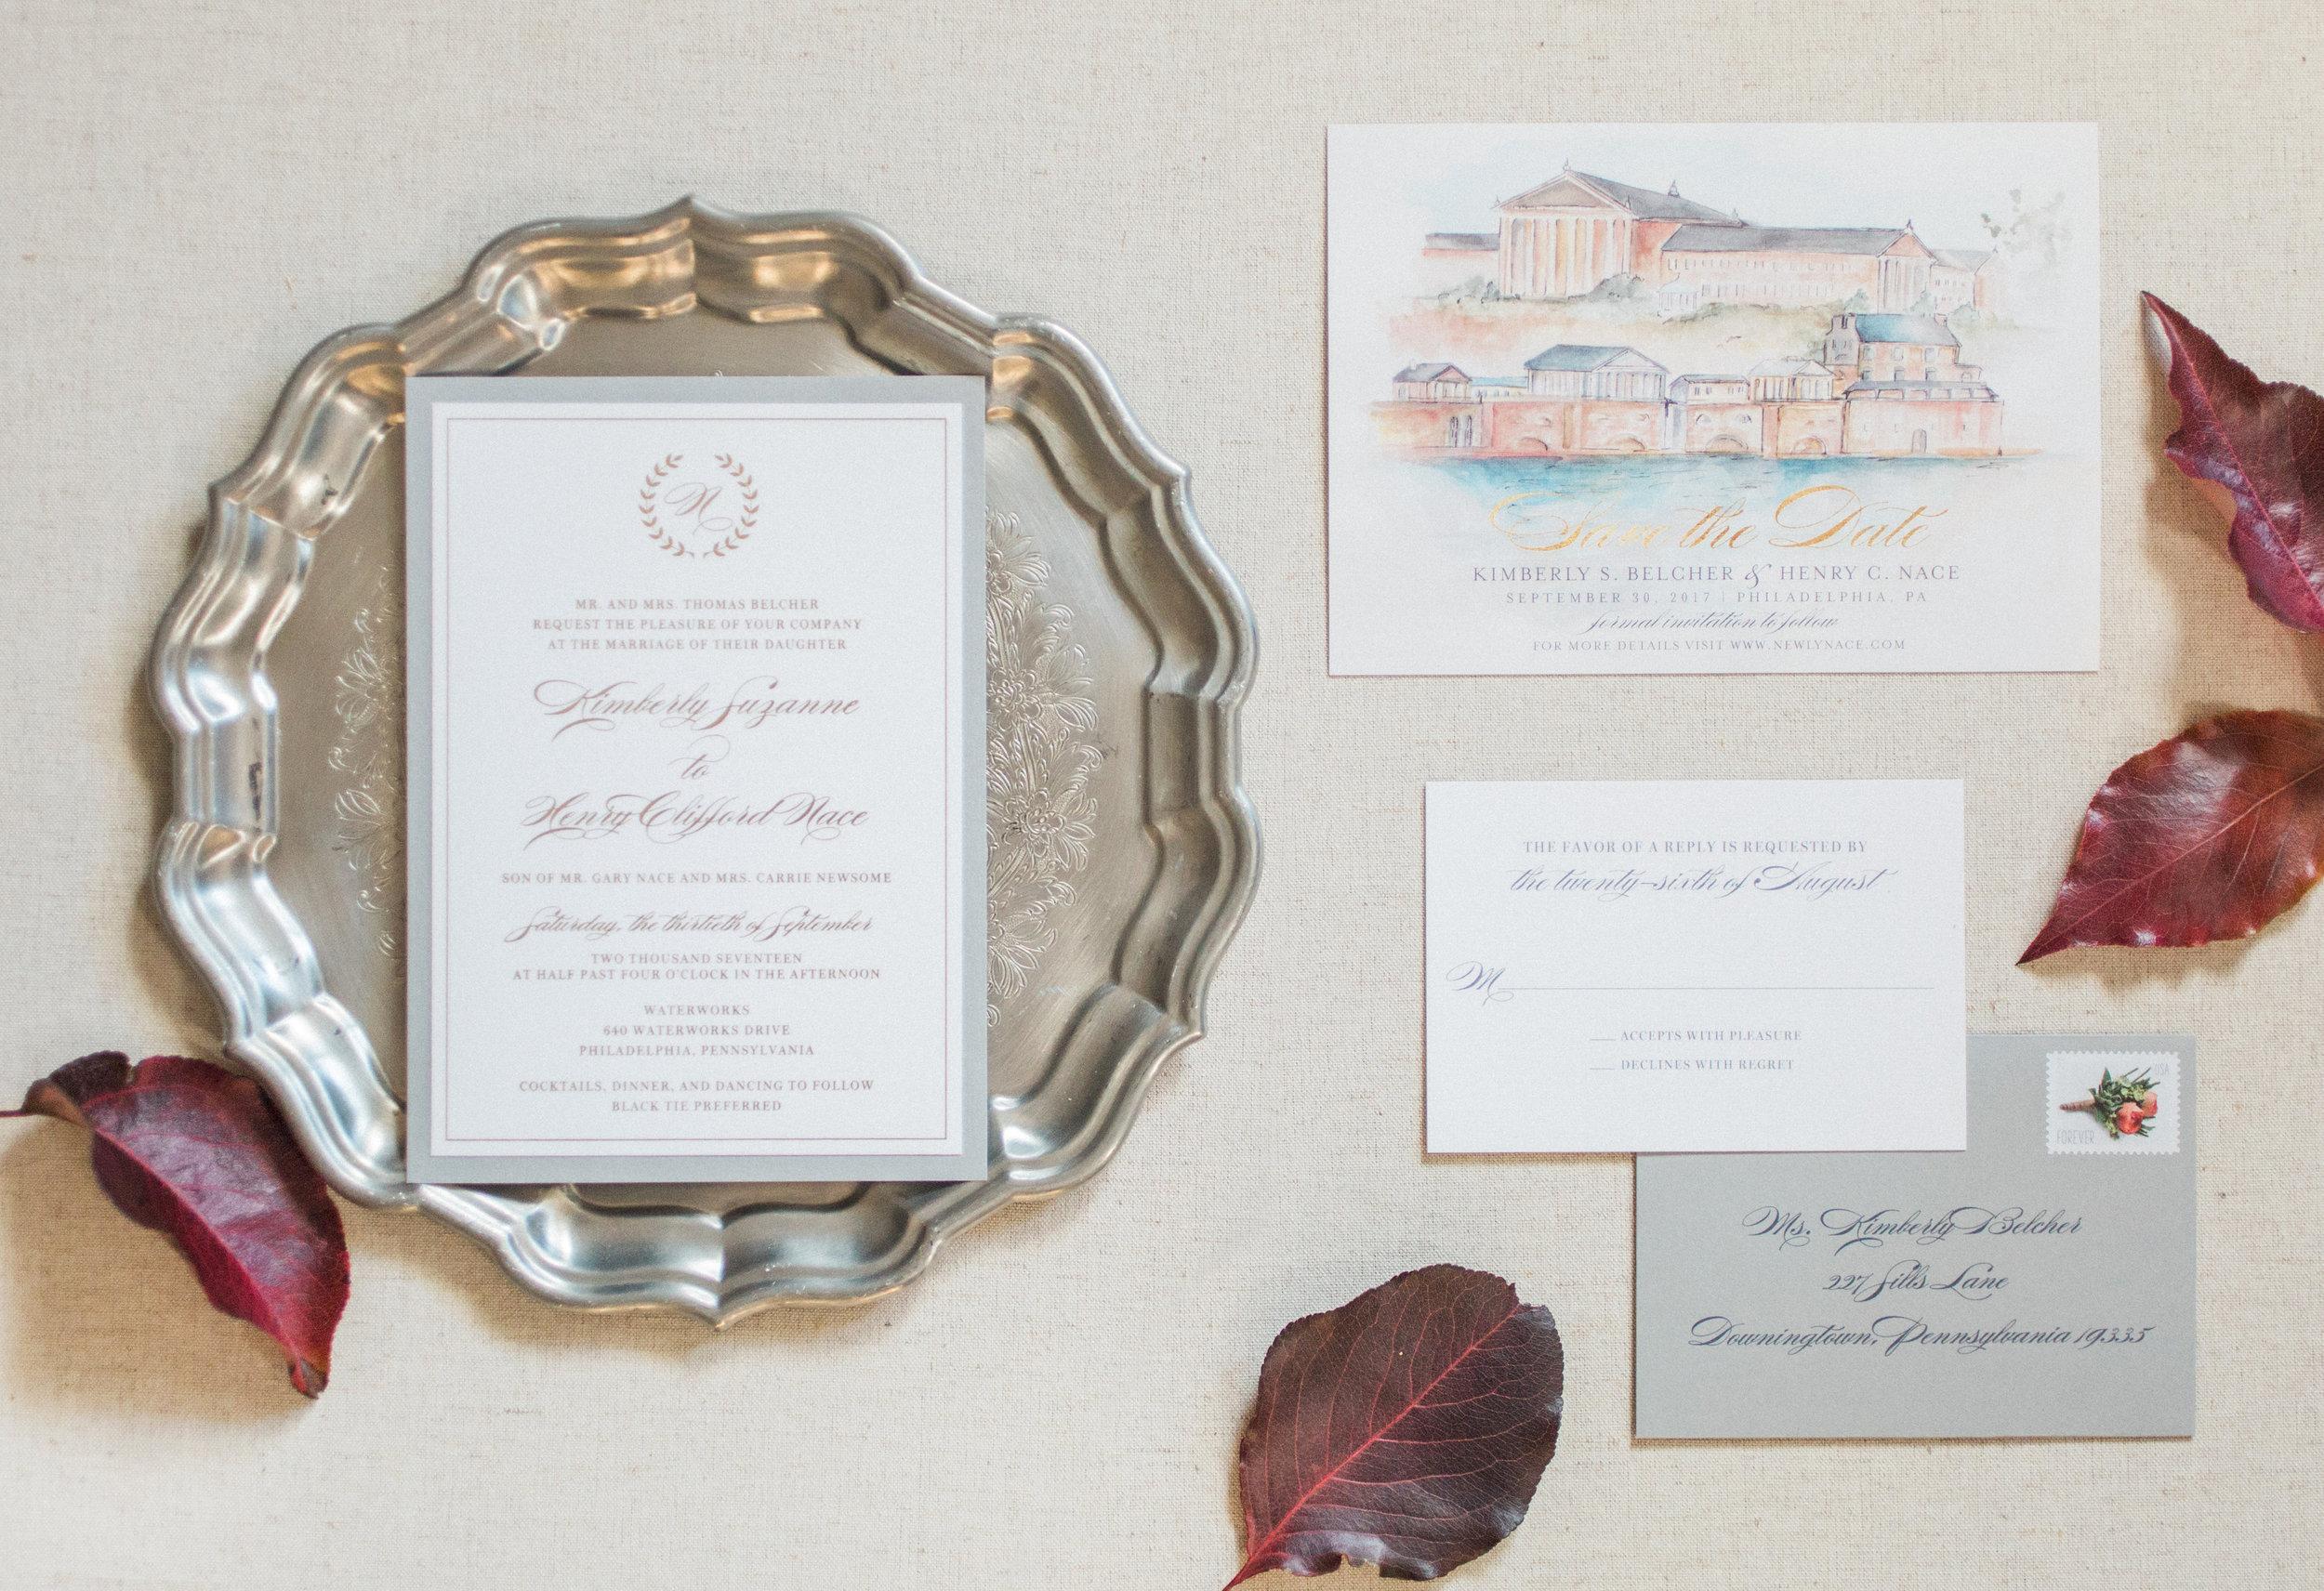 Hudson-Nichols-Black-Tie-Bride-Philadelphia-Waterworks-Wedding-Watercolor-Invitations-Papertree01.jpg